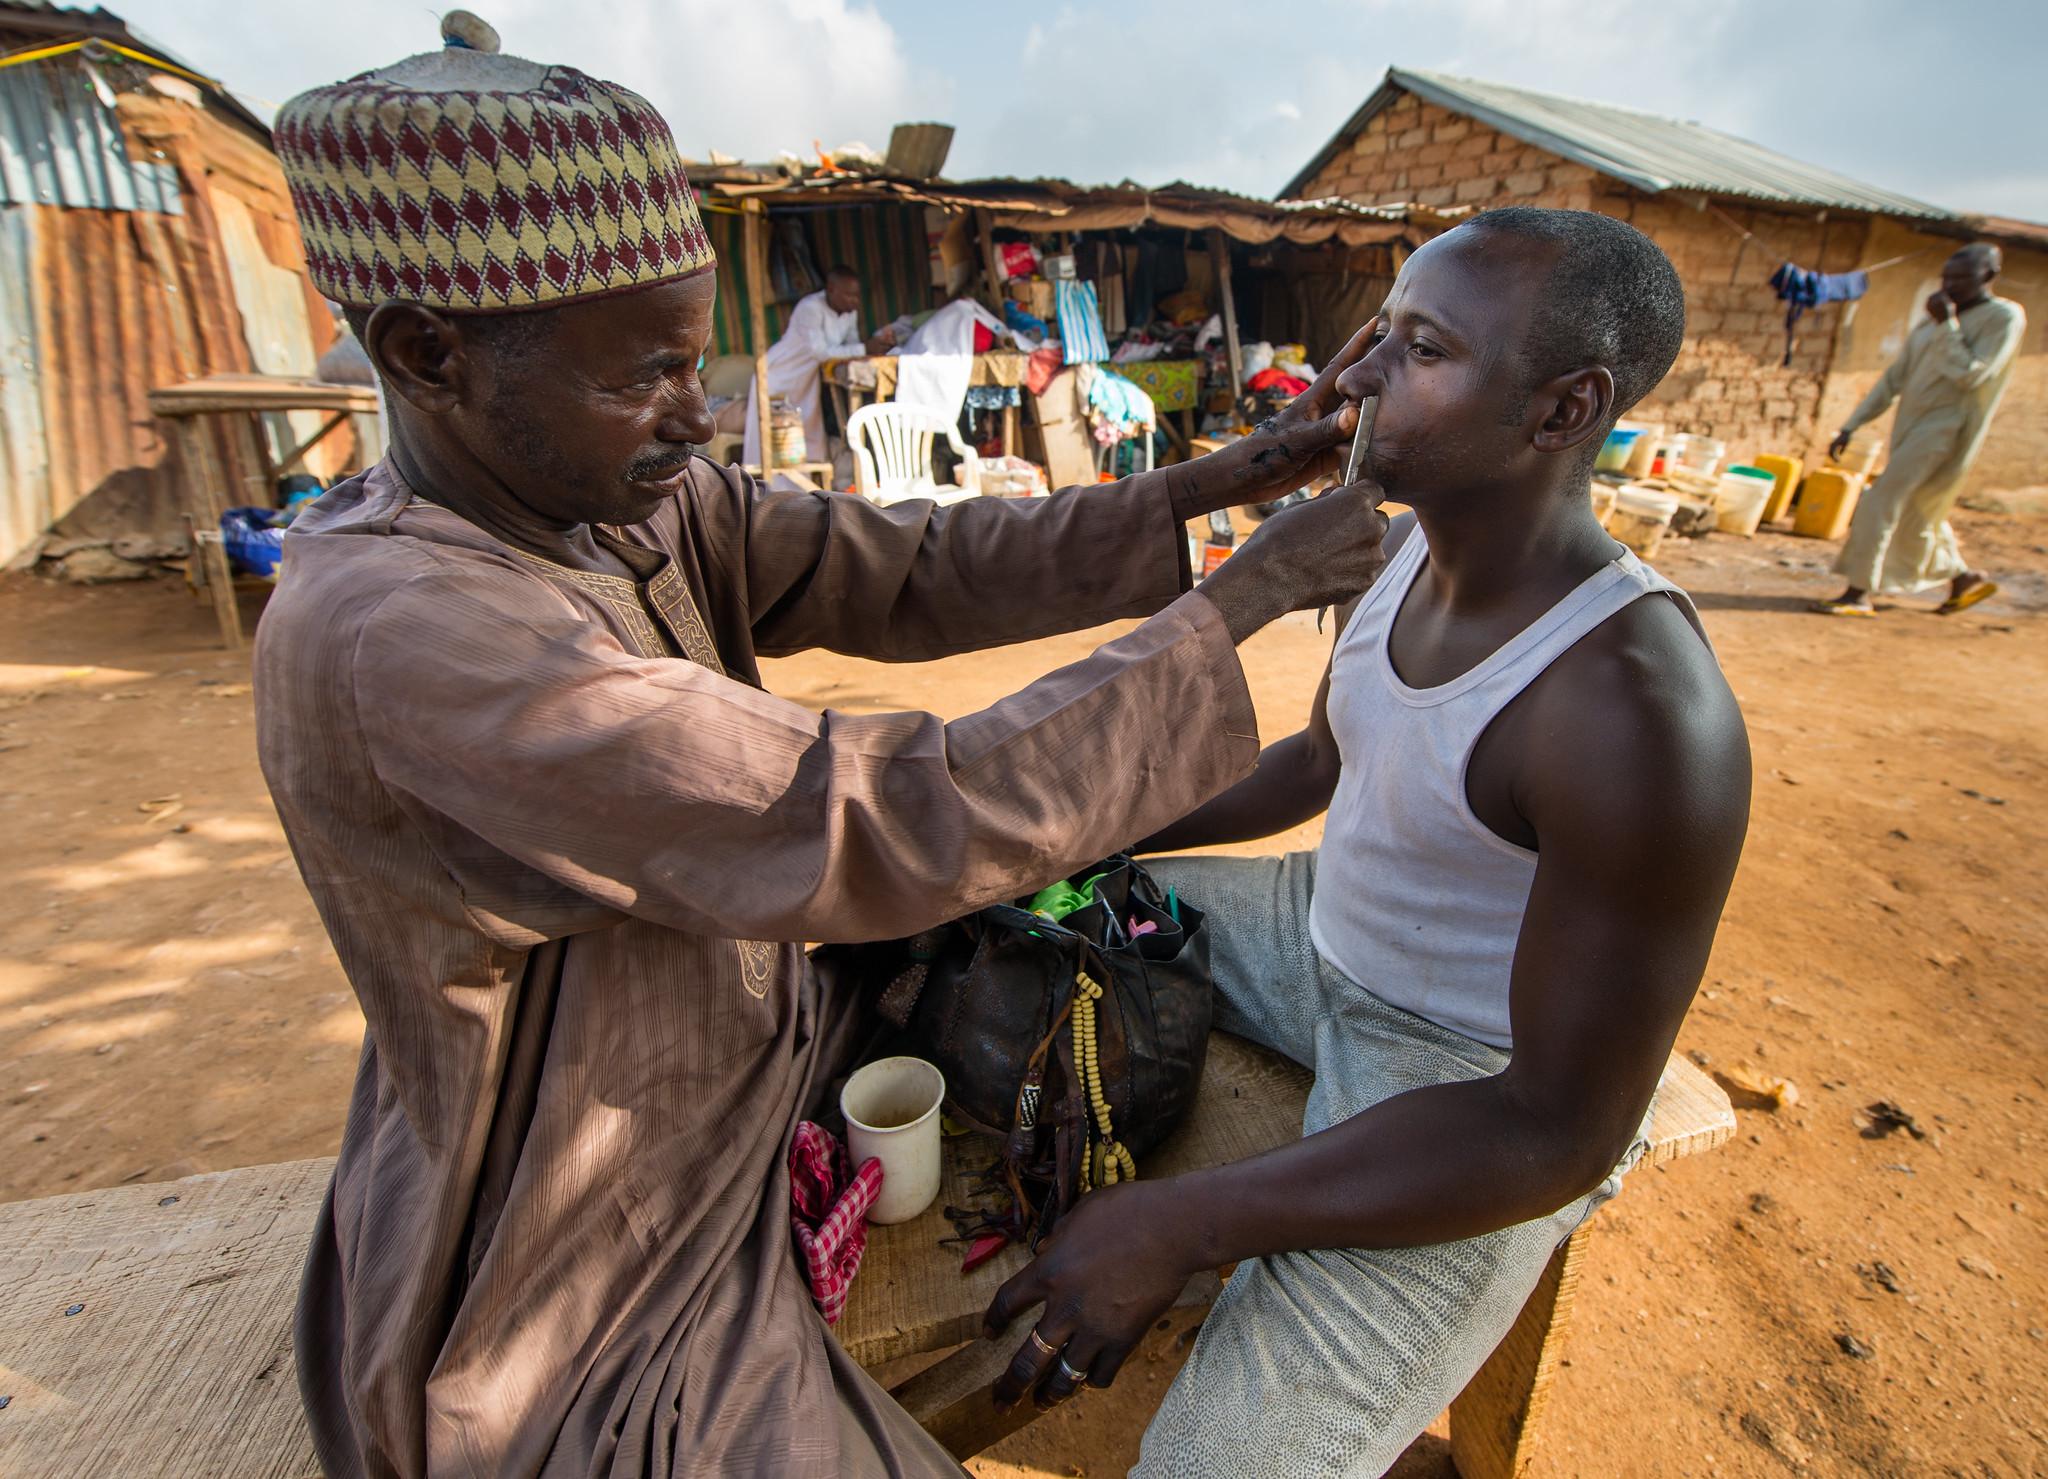 Abuja Slum Barber